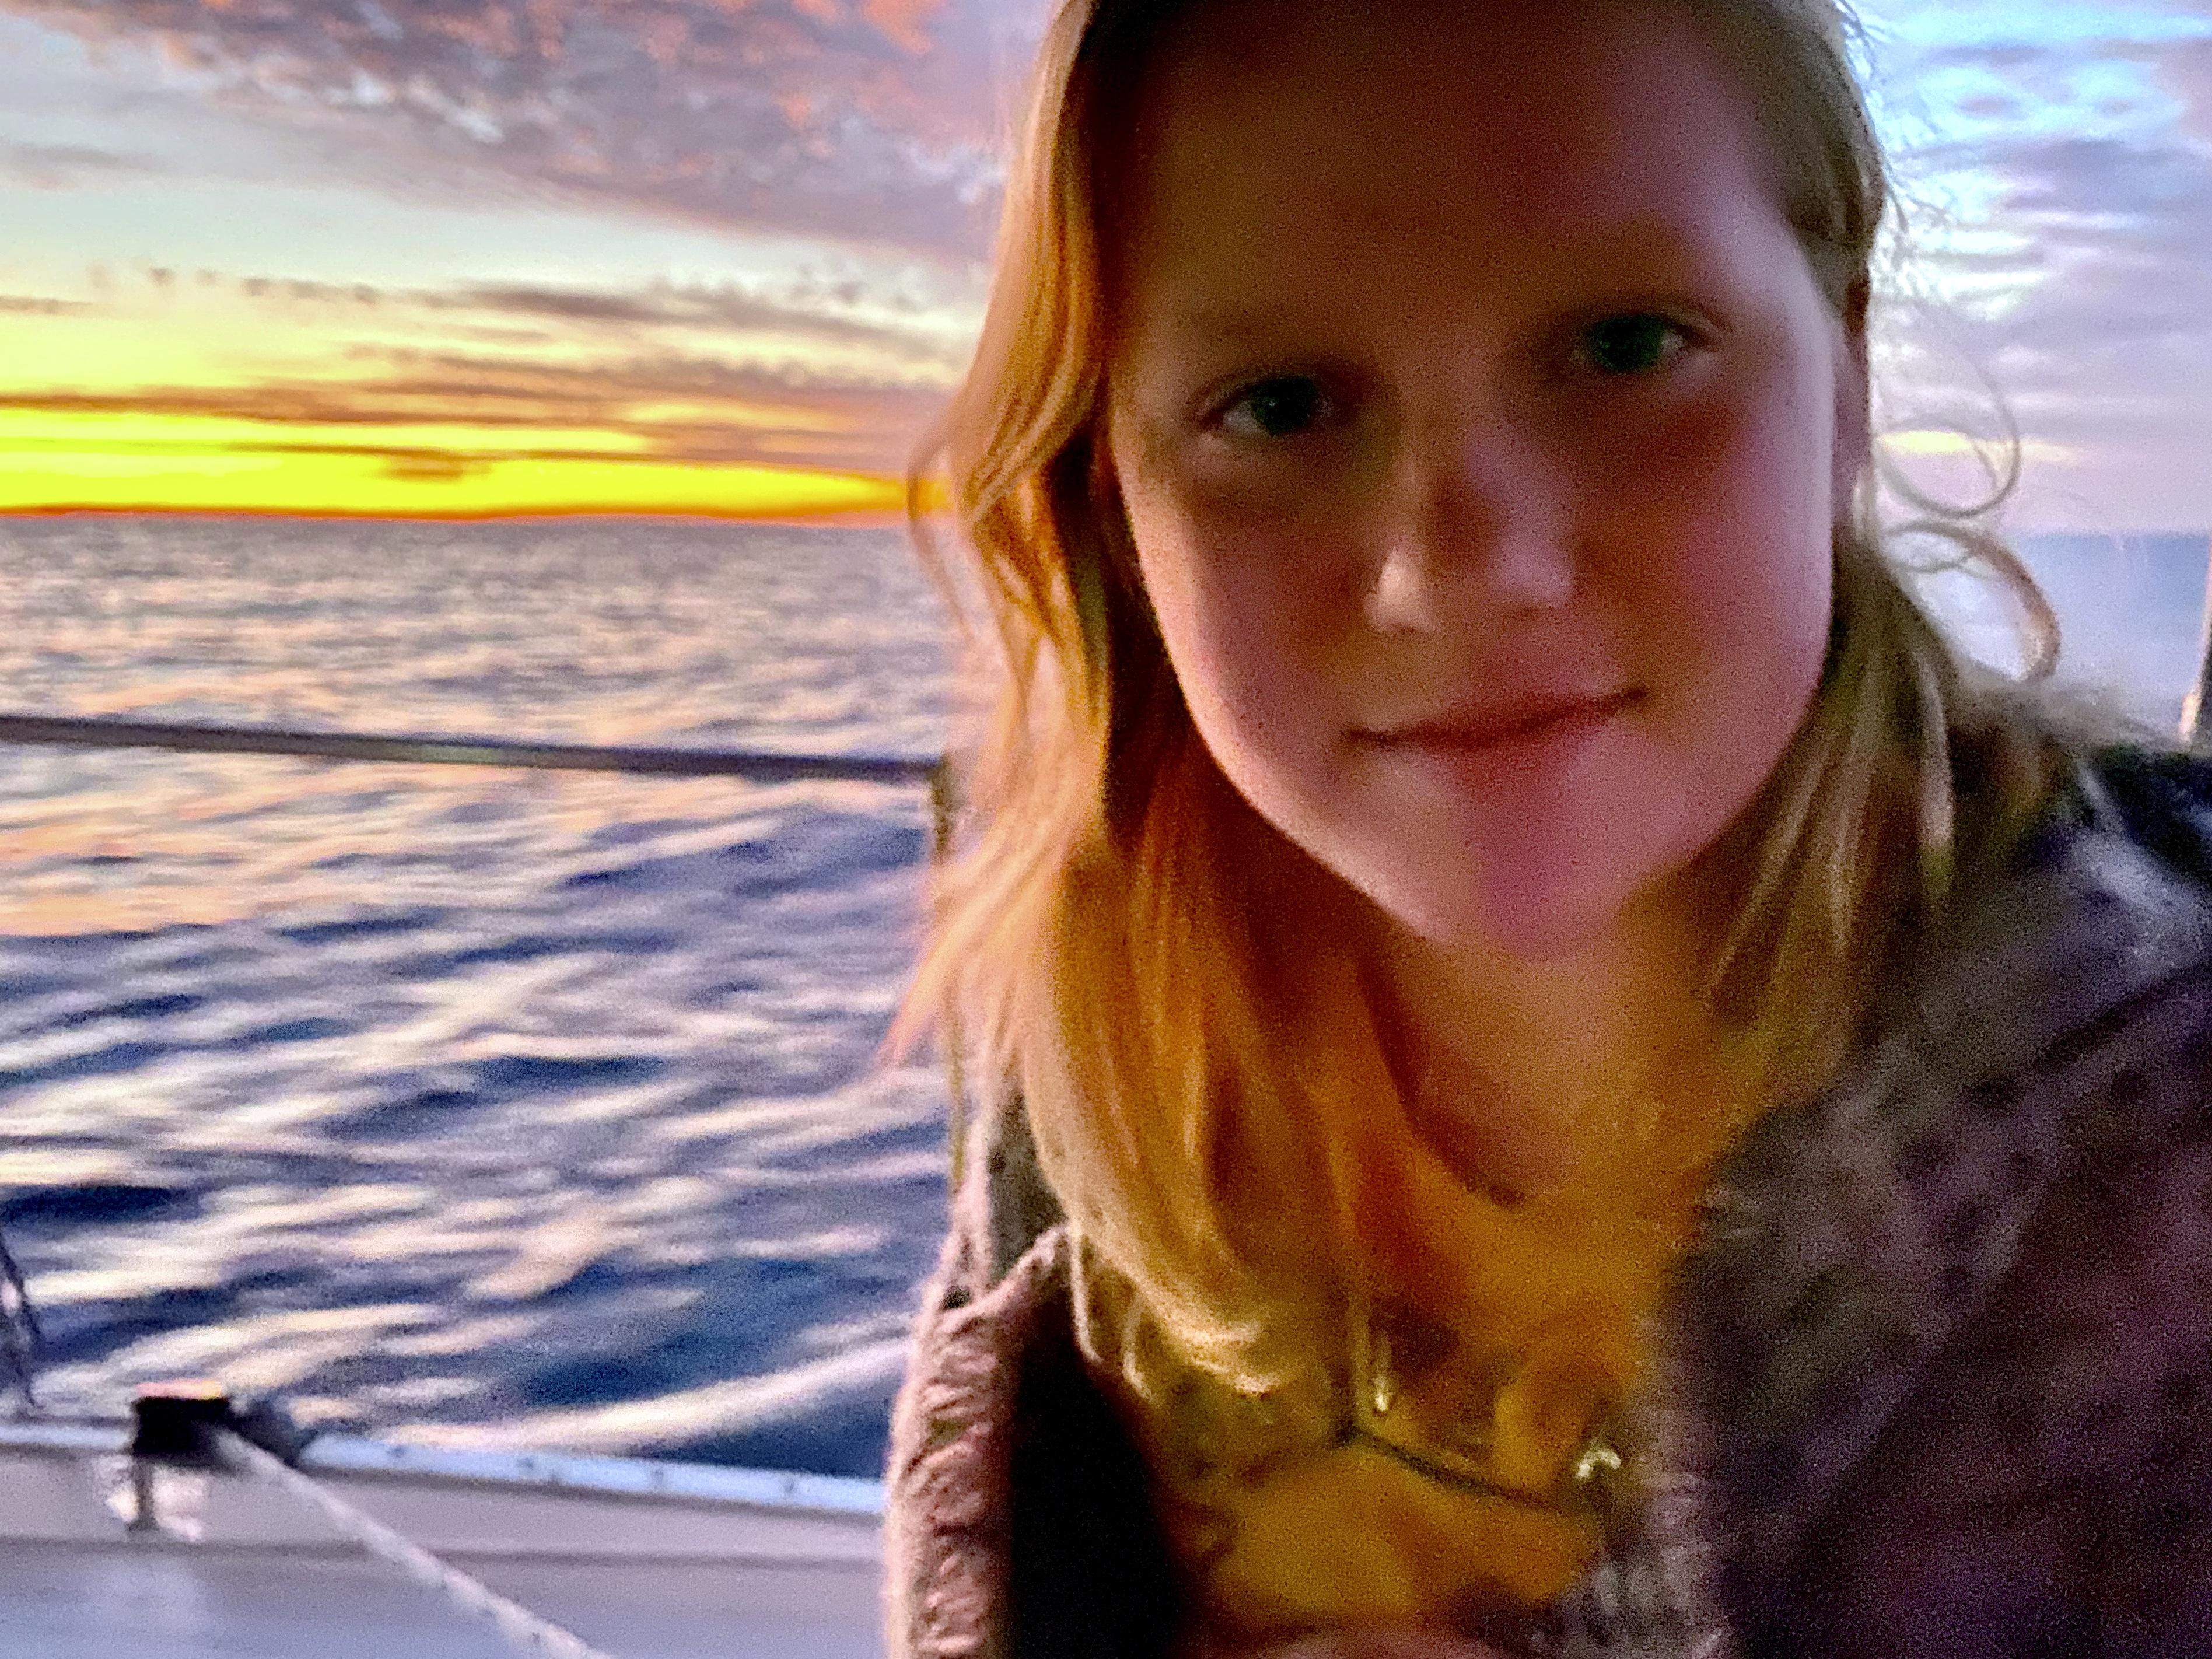 Audrey at sea